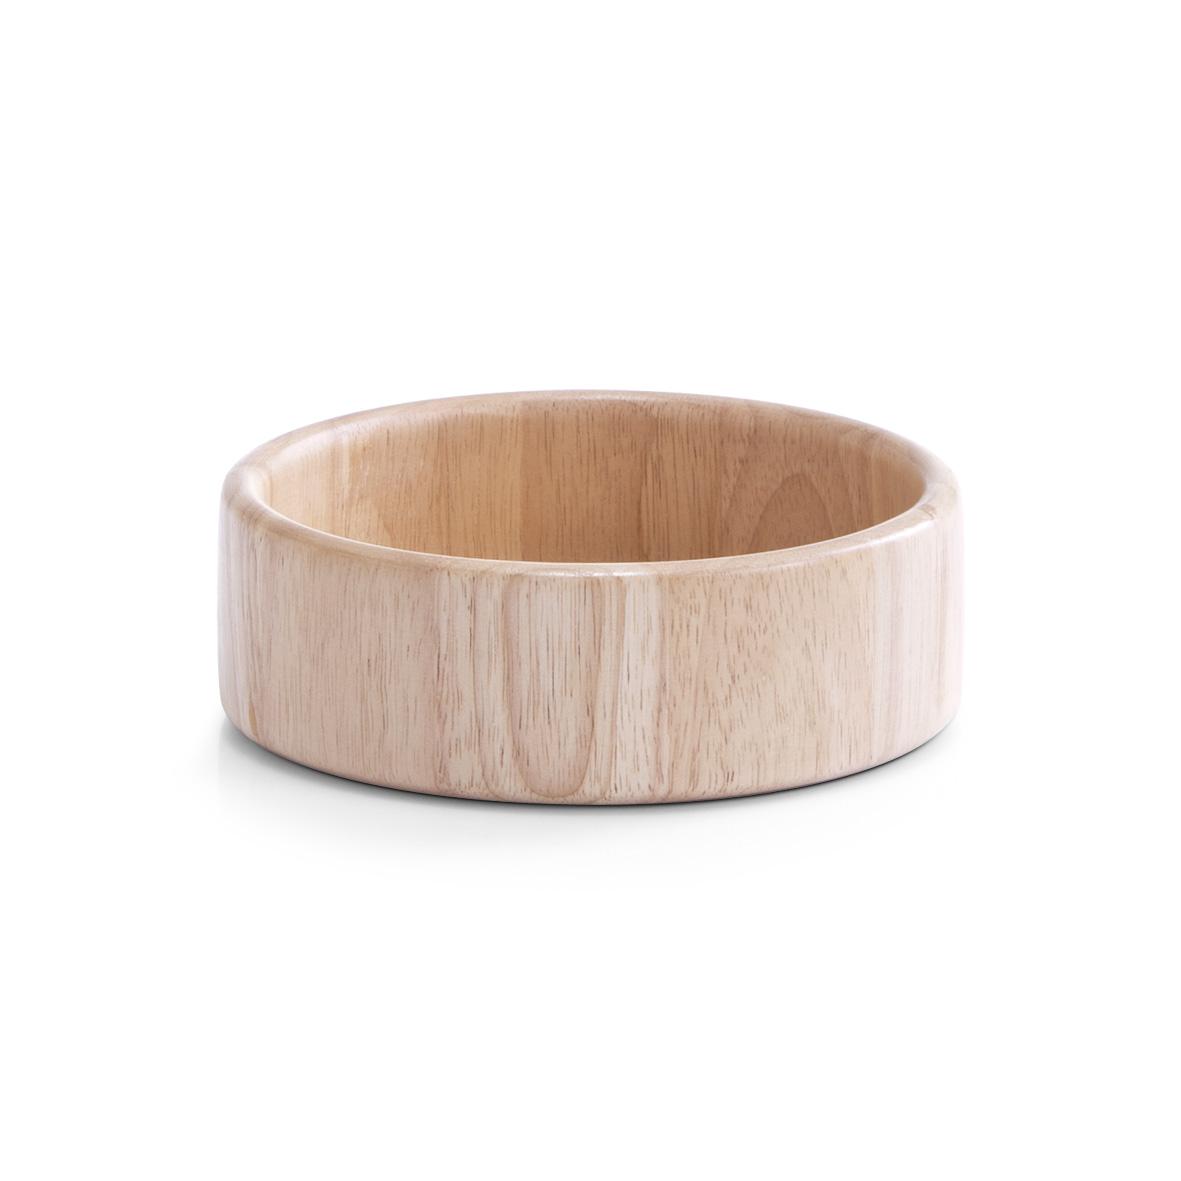 Чаша для салата, круглая, 15см. 2401924019Чаша для салата, круглая, 15см. 24019